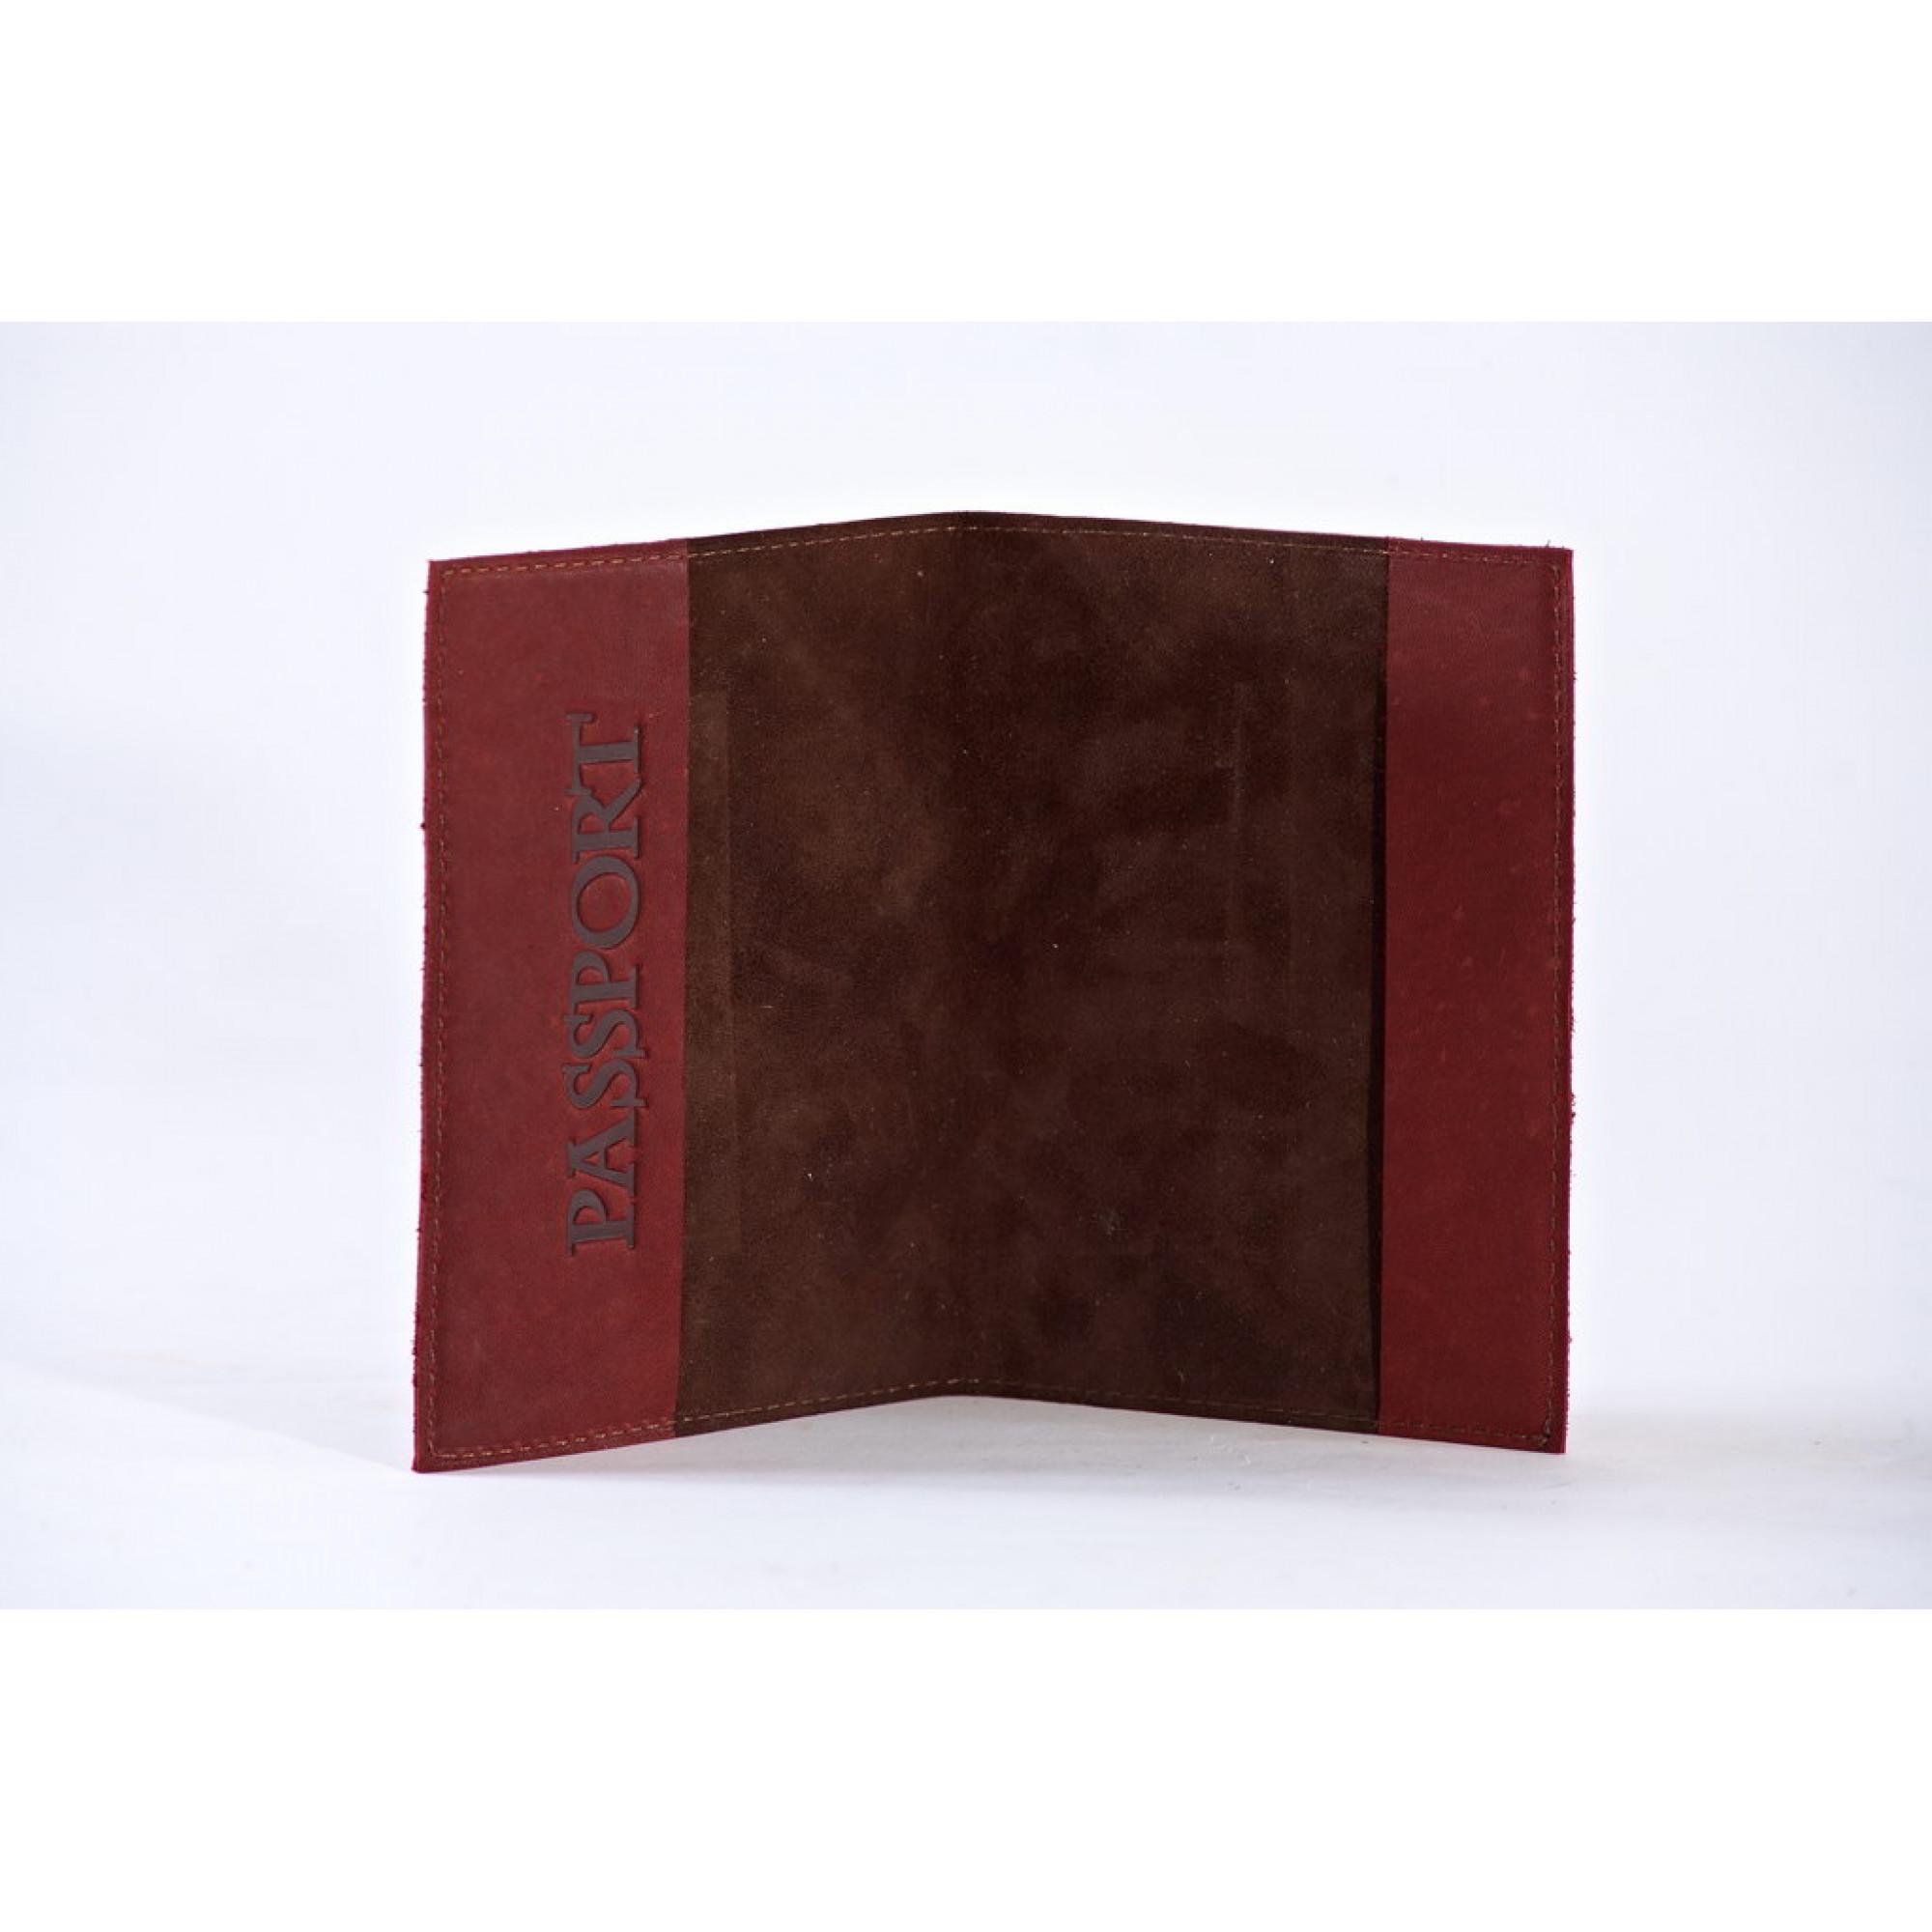 Обложка на паспорт   Средневековый   Коричневый